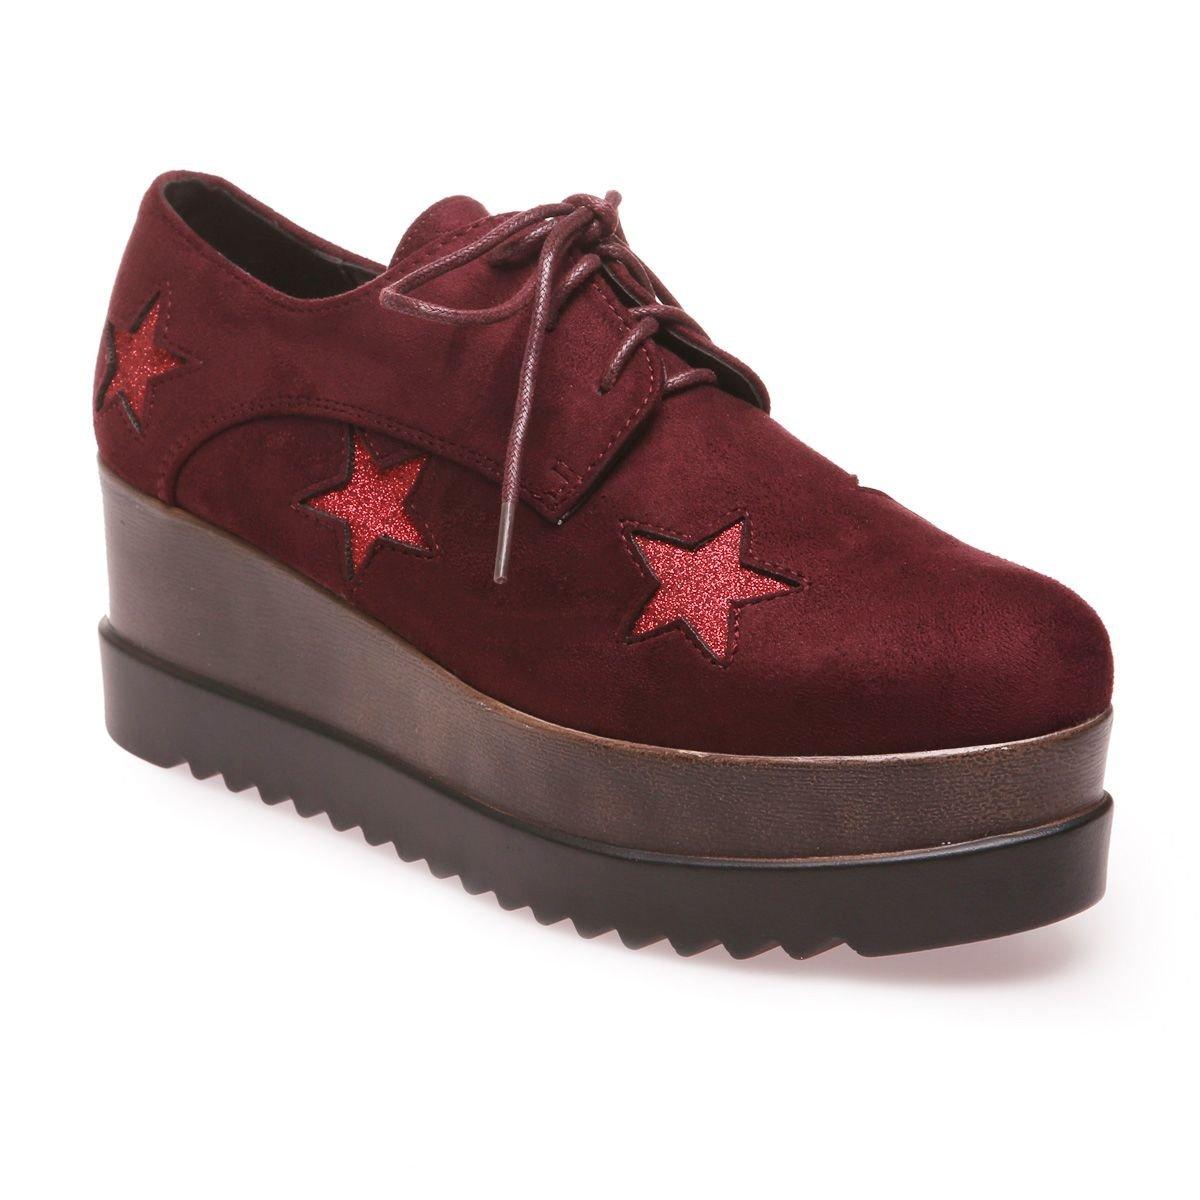 La Modeuse - Zapatos de cordones para mujer 39 EU|Rojo